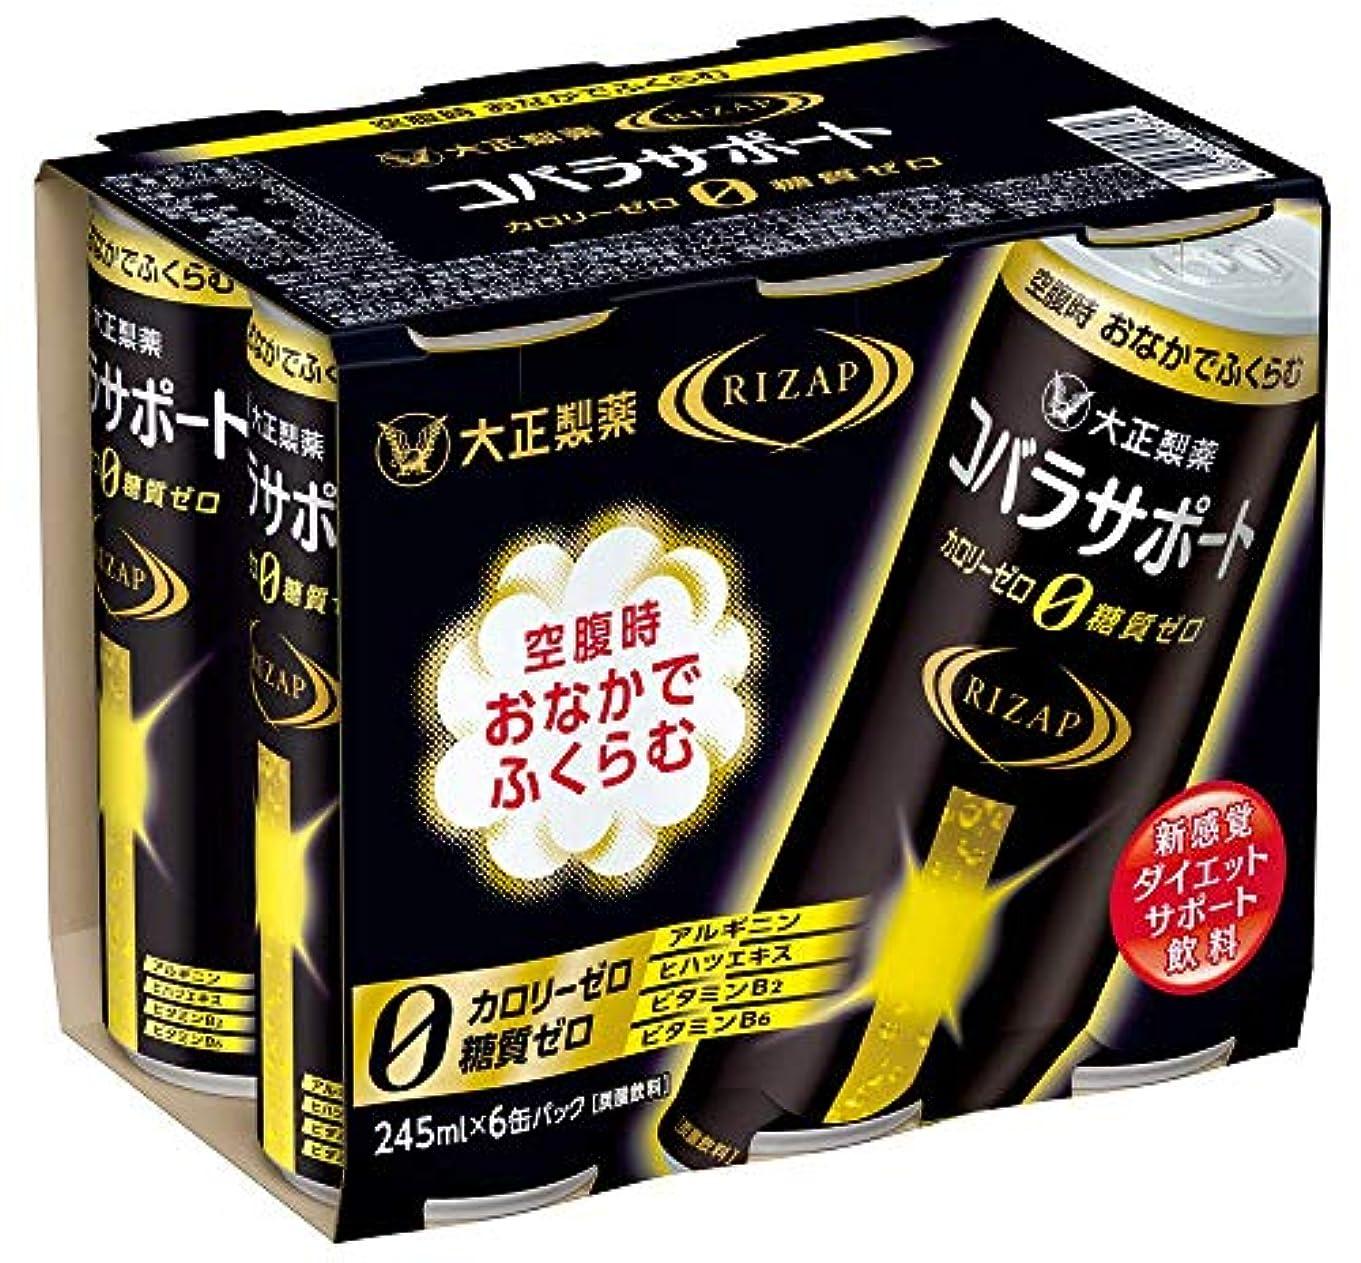 比類のないダイエットリングレットコバラサポートR 6本セット【期間限定】【ライザップコラボ品】×5